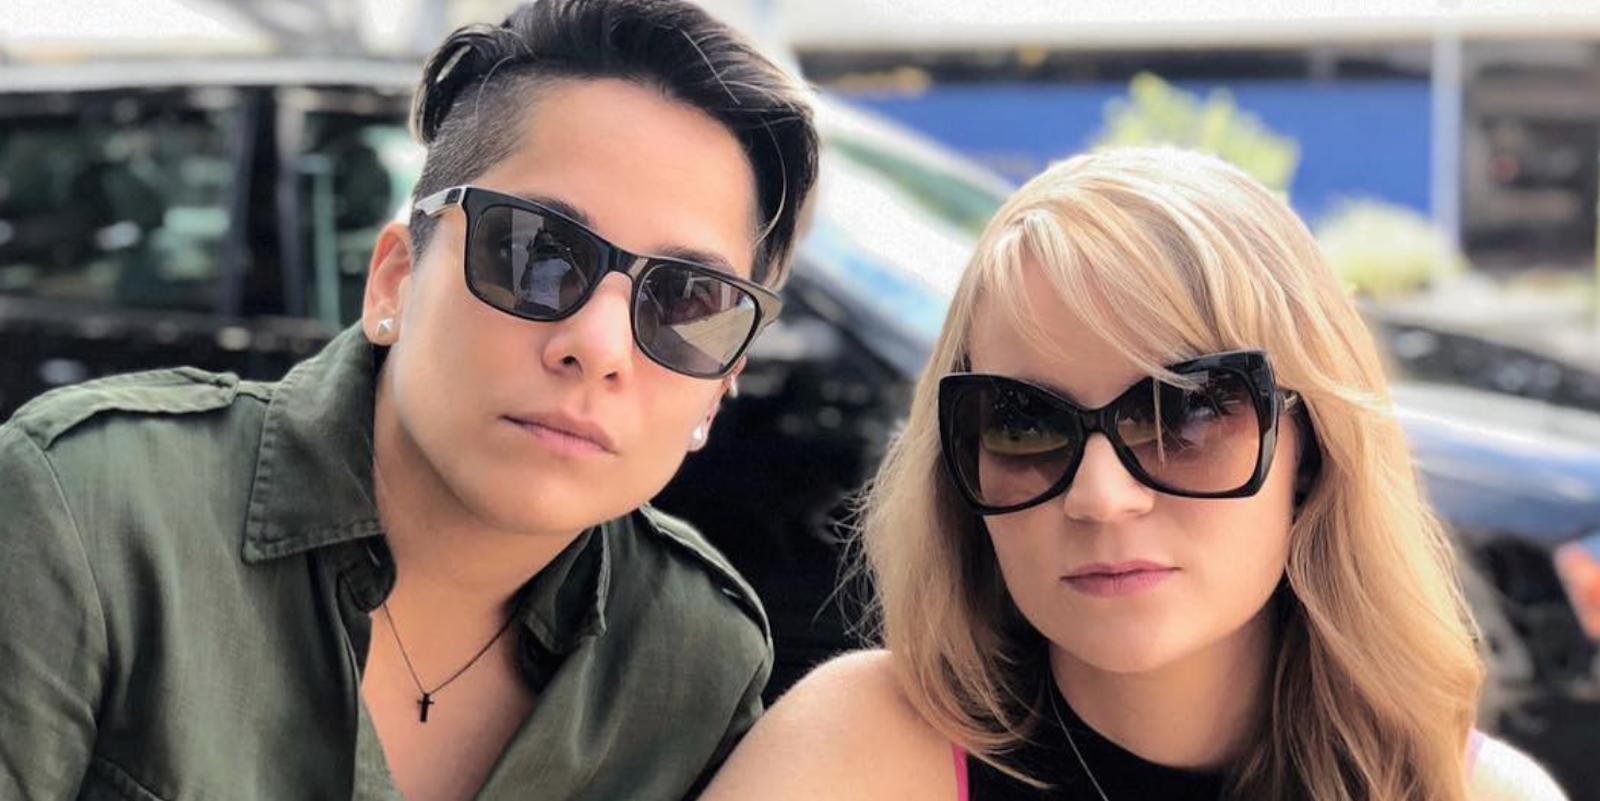 OİTNB Yıldızları Vicci Martinez ve Emily Tarver Aşk Yaşıyor